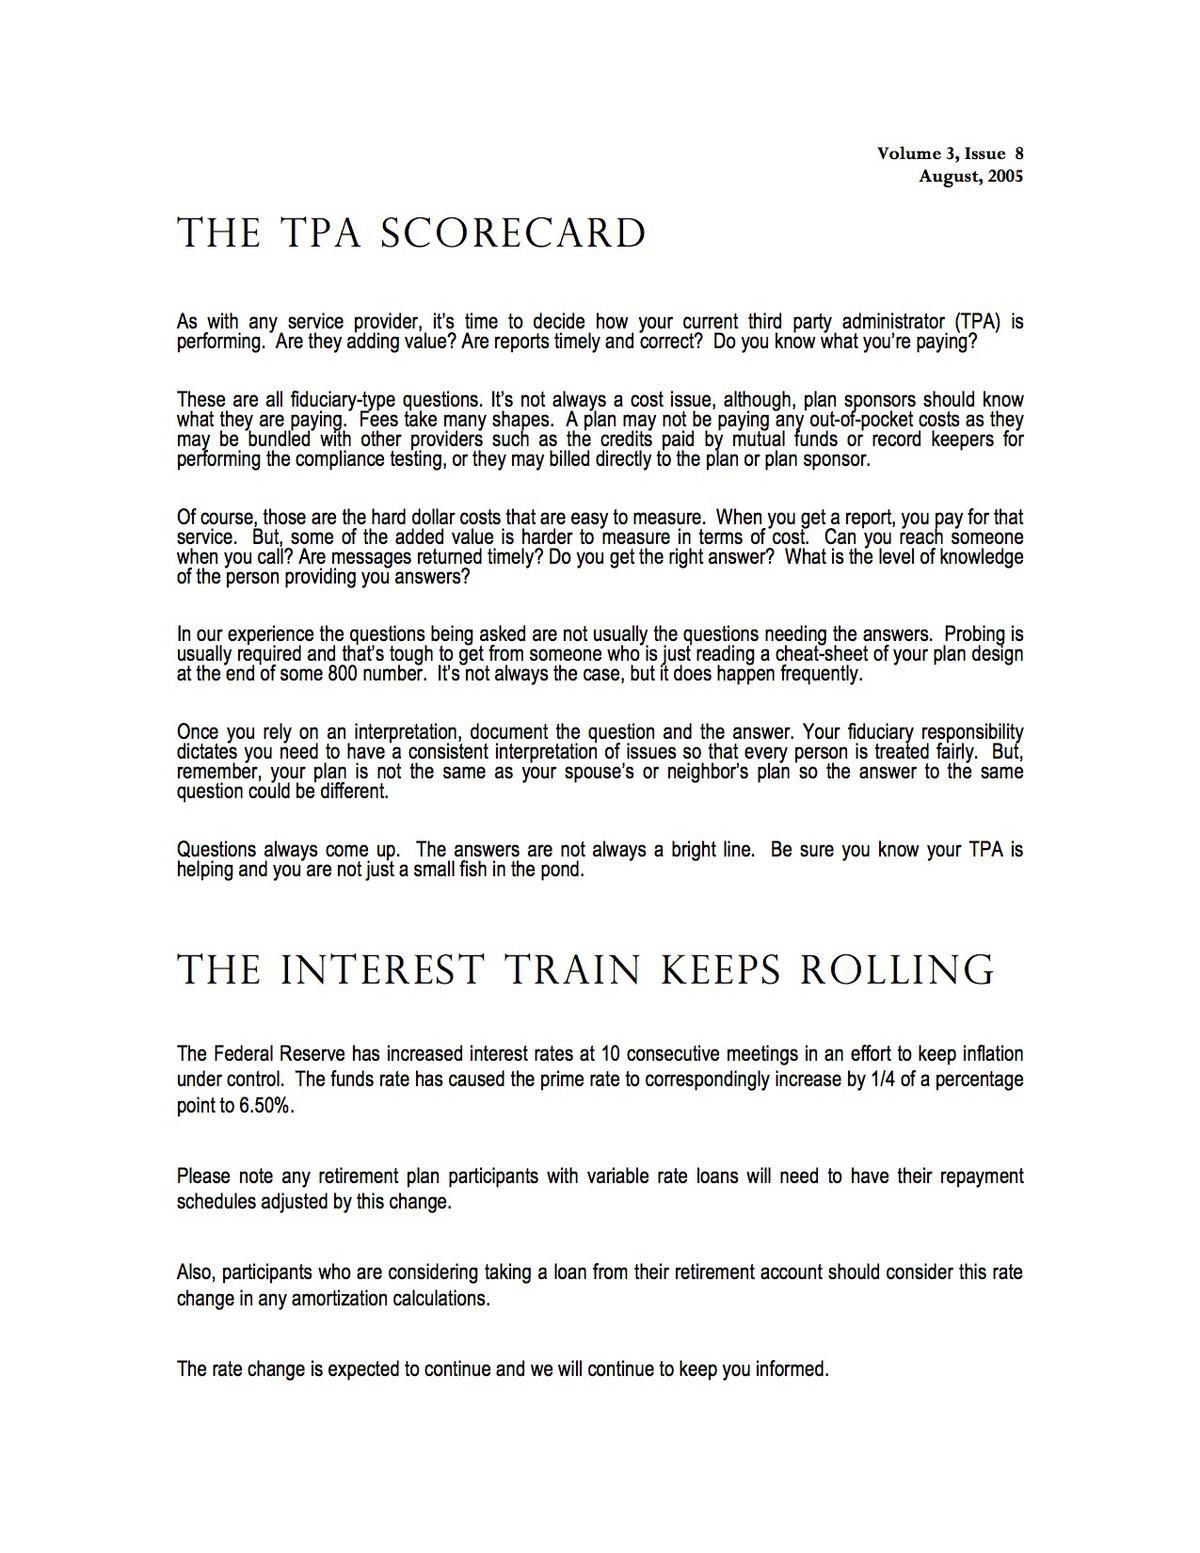 Interest Train Keeps Rolling